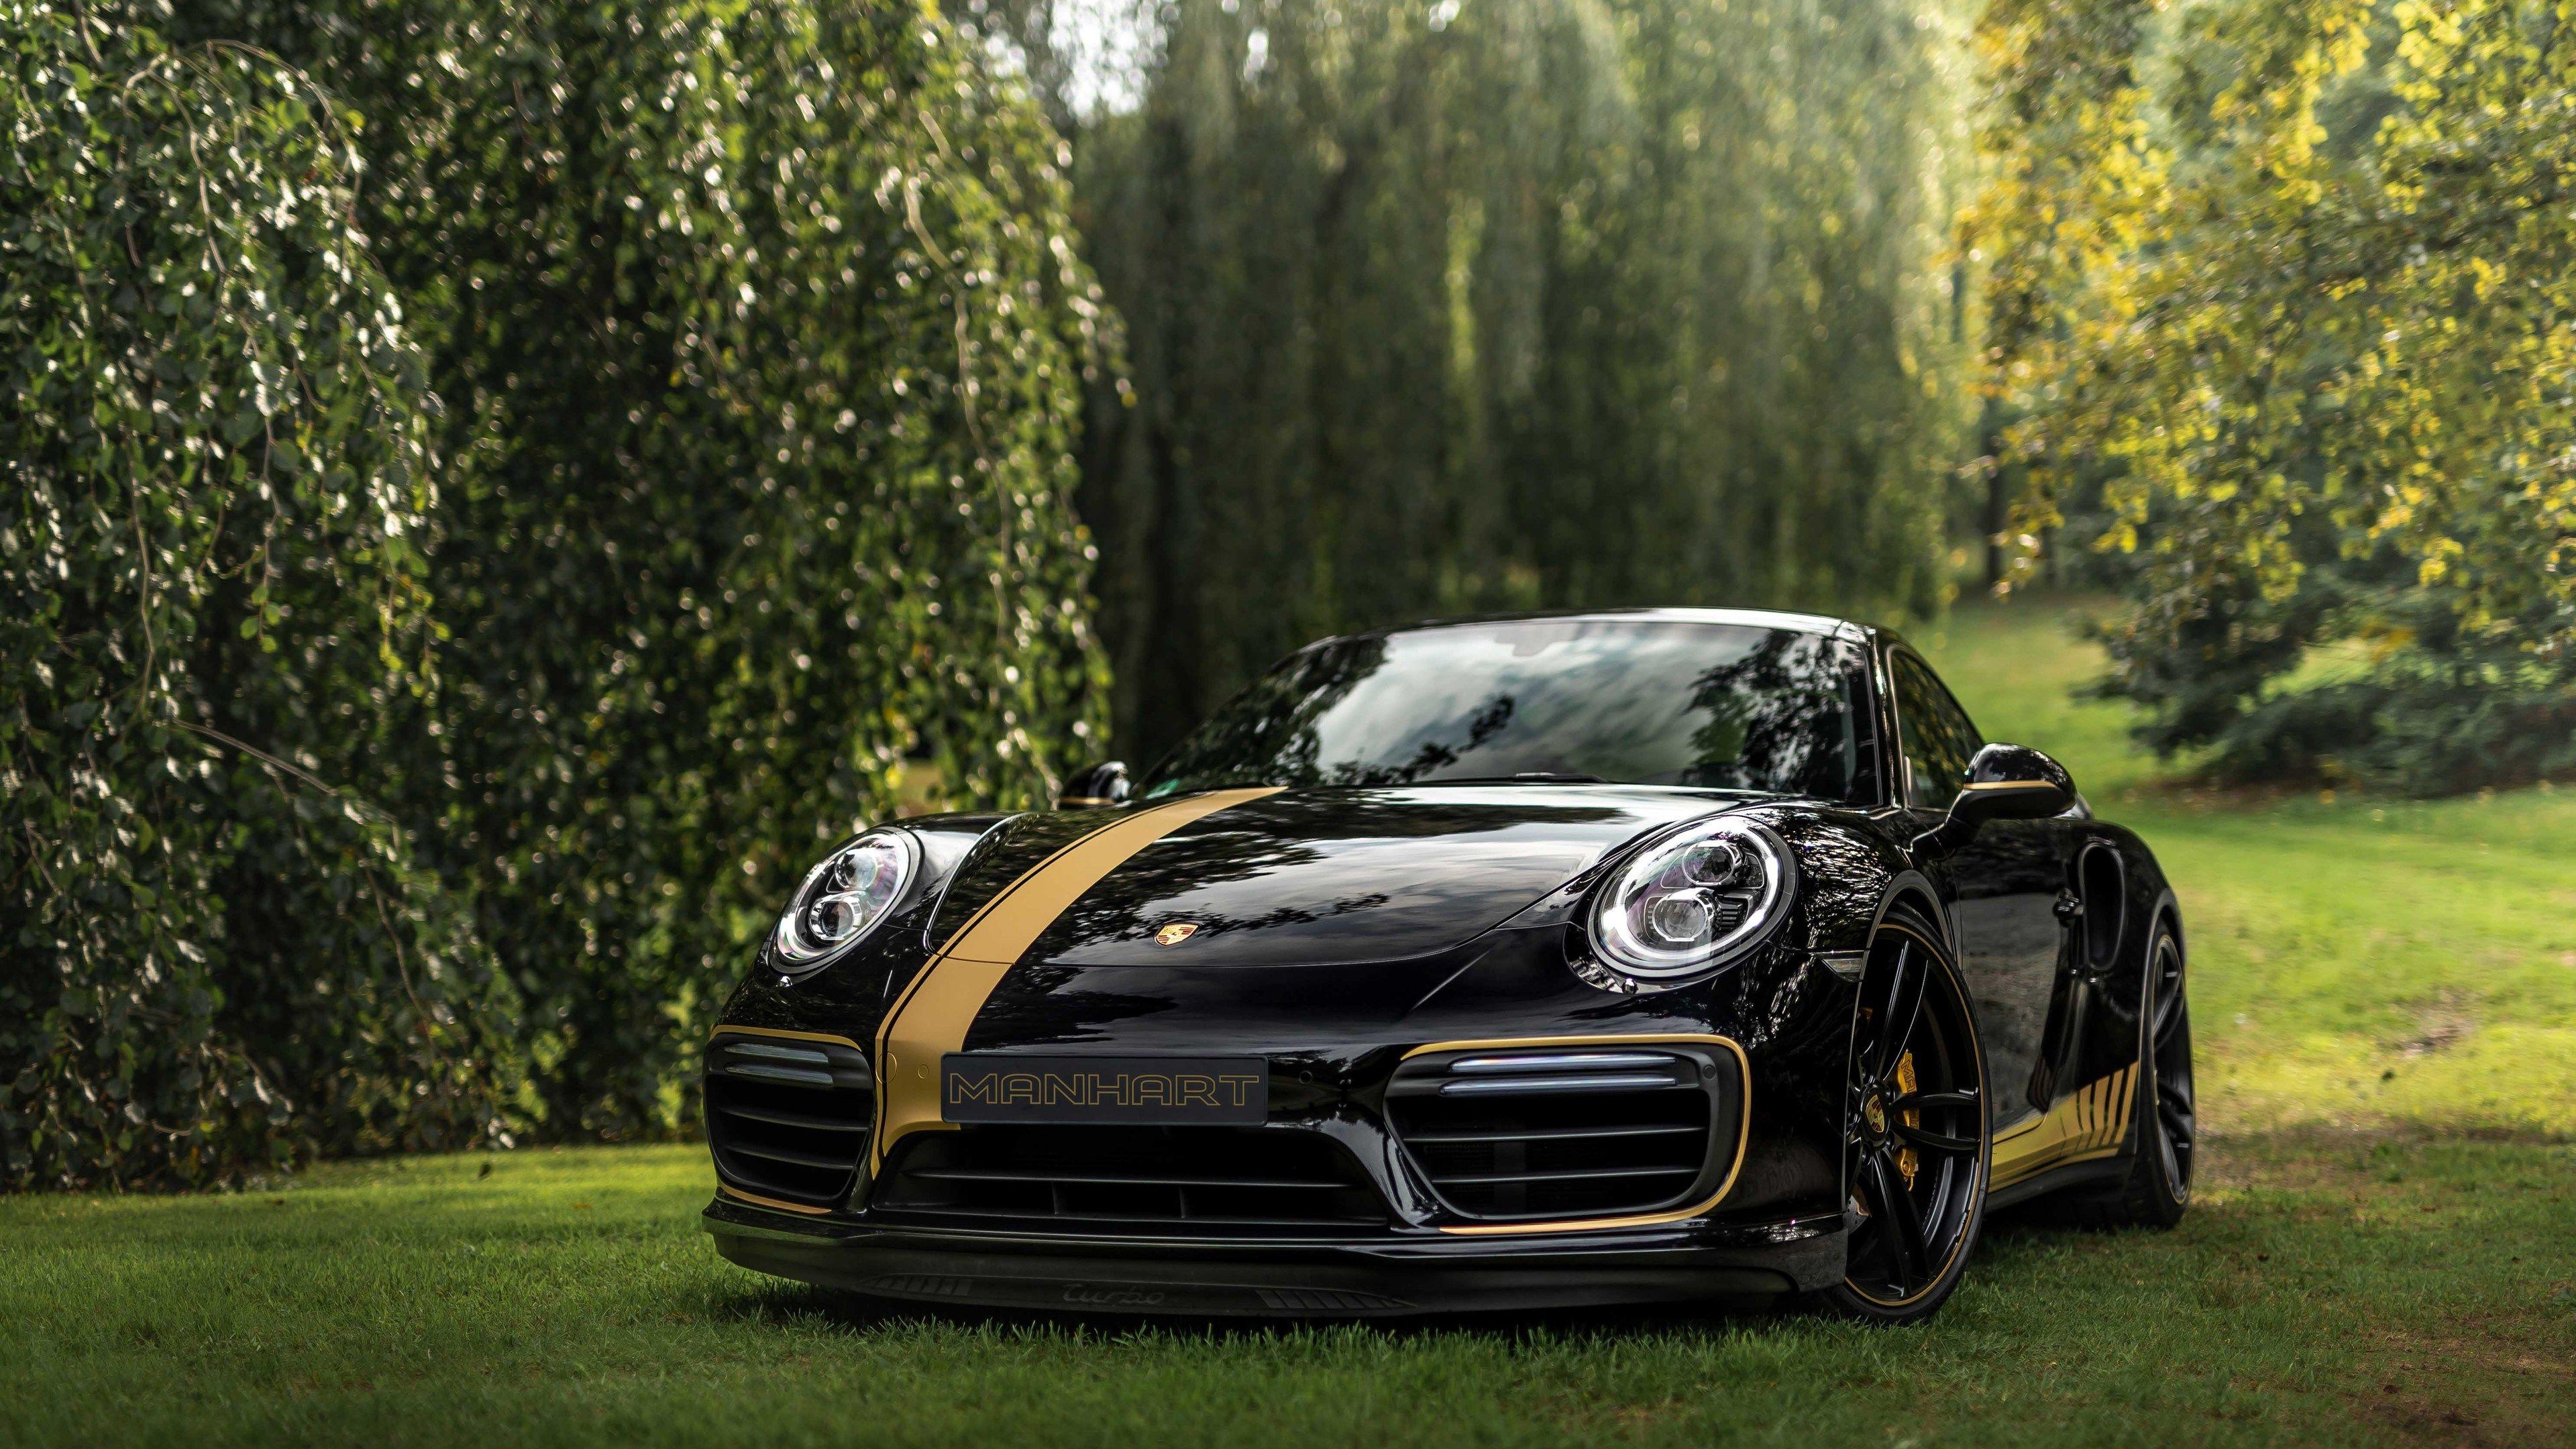 Porsche Manhart Tr 700 2019 Porsche Wallpapers Porsche 918 Wallpapers Hd Wallpapers Cars Wallpapers 5k Wallpapers 4k Porsche Super Cars Porsche Wallpaper